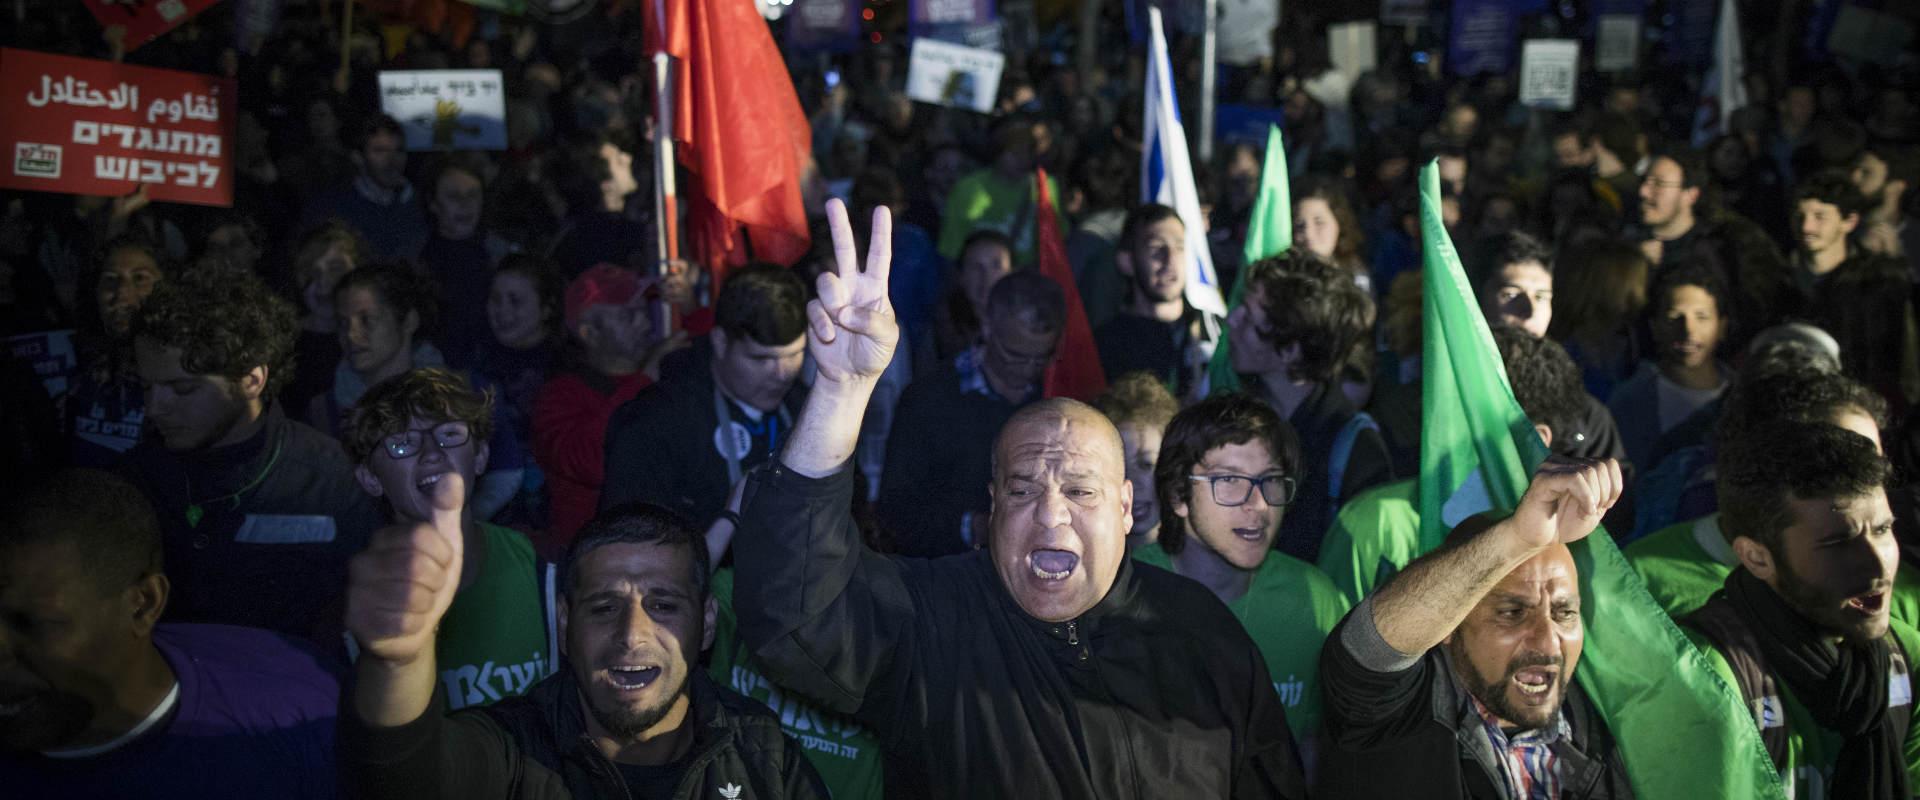 הפגנת שמאל בירושלים, באפריל